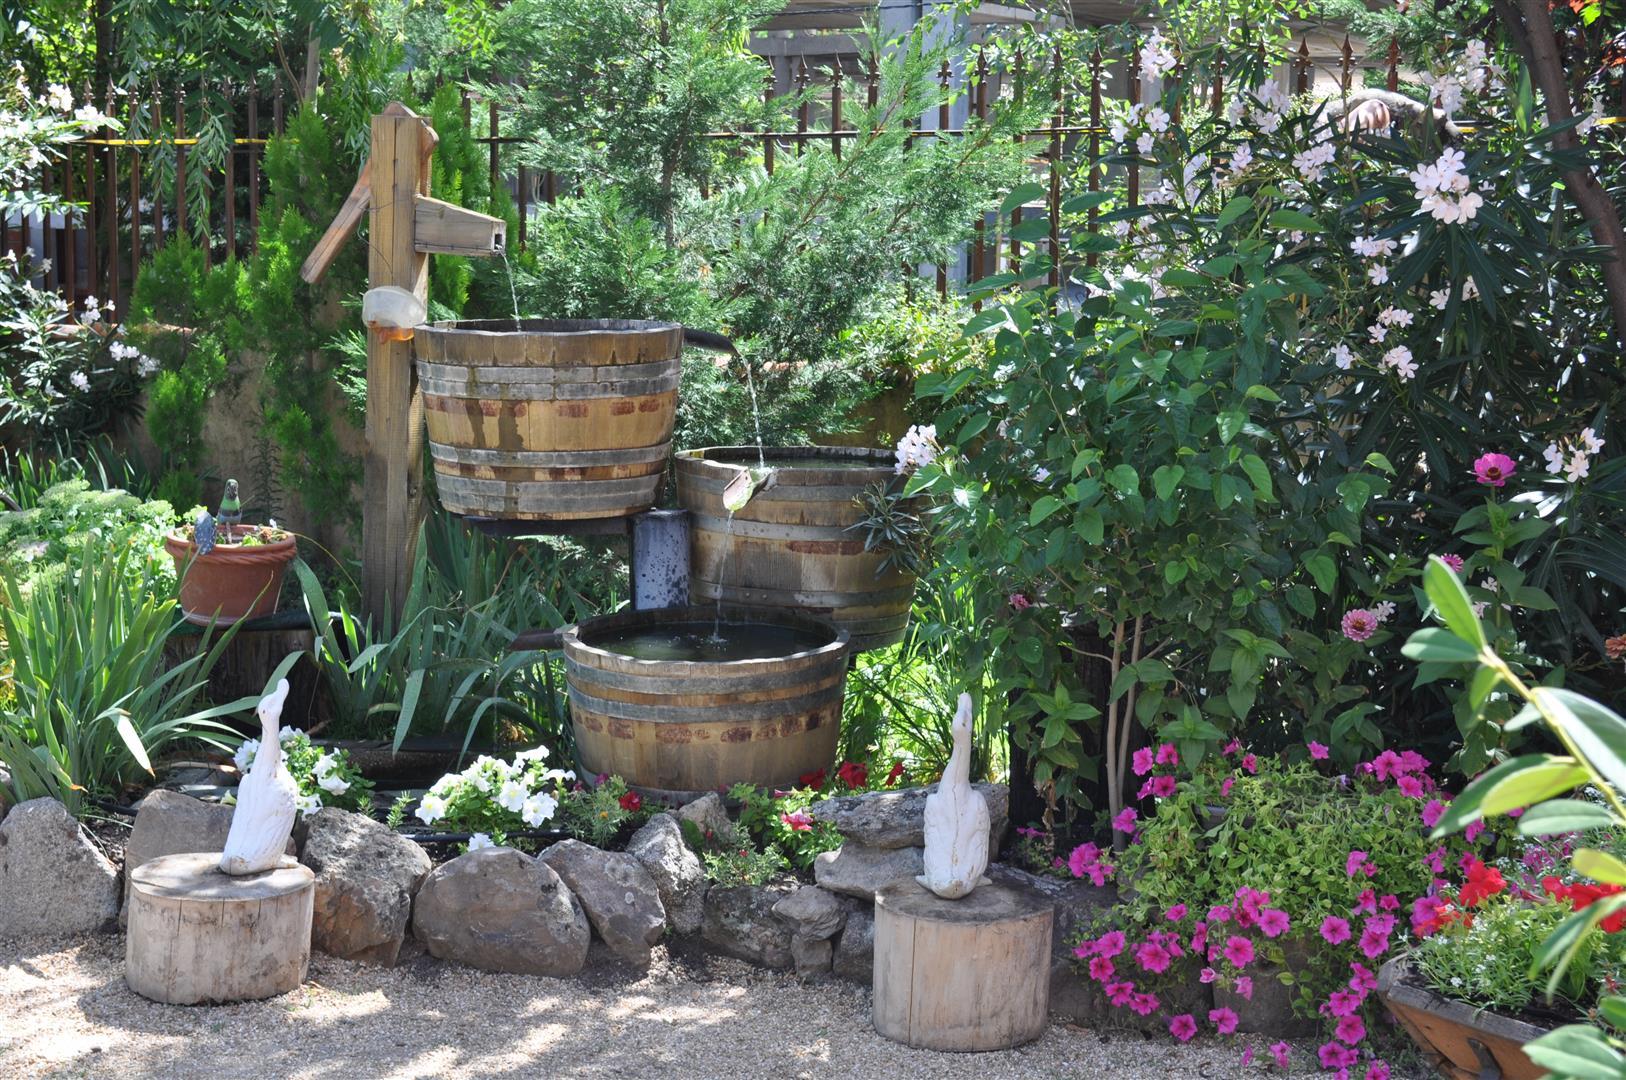 Jardines casas rurales las cavas for Restaurante casa jardin